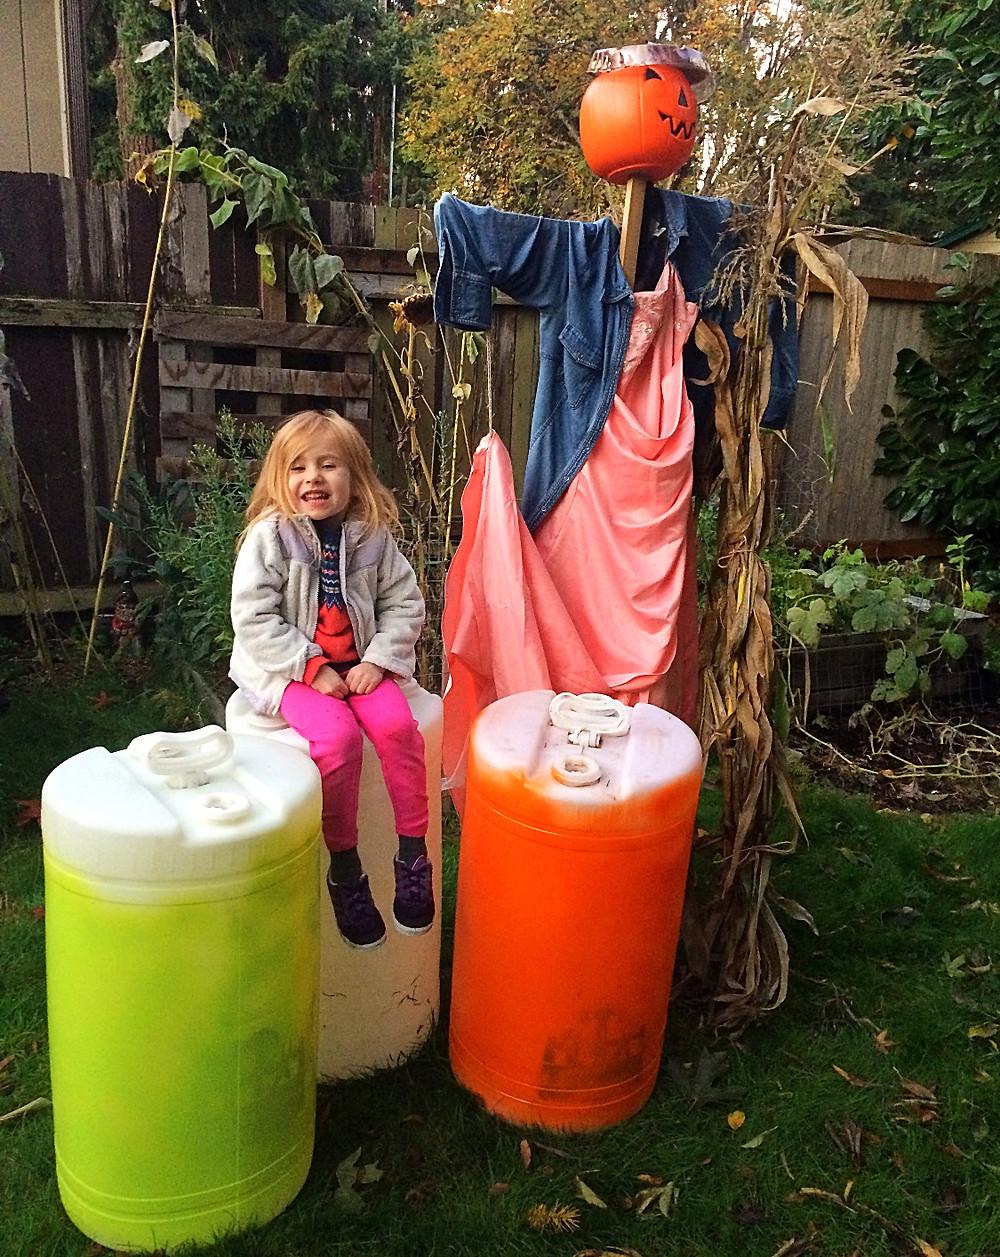 SKTL rain barrels, a scarecrow & a princess!